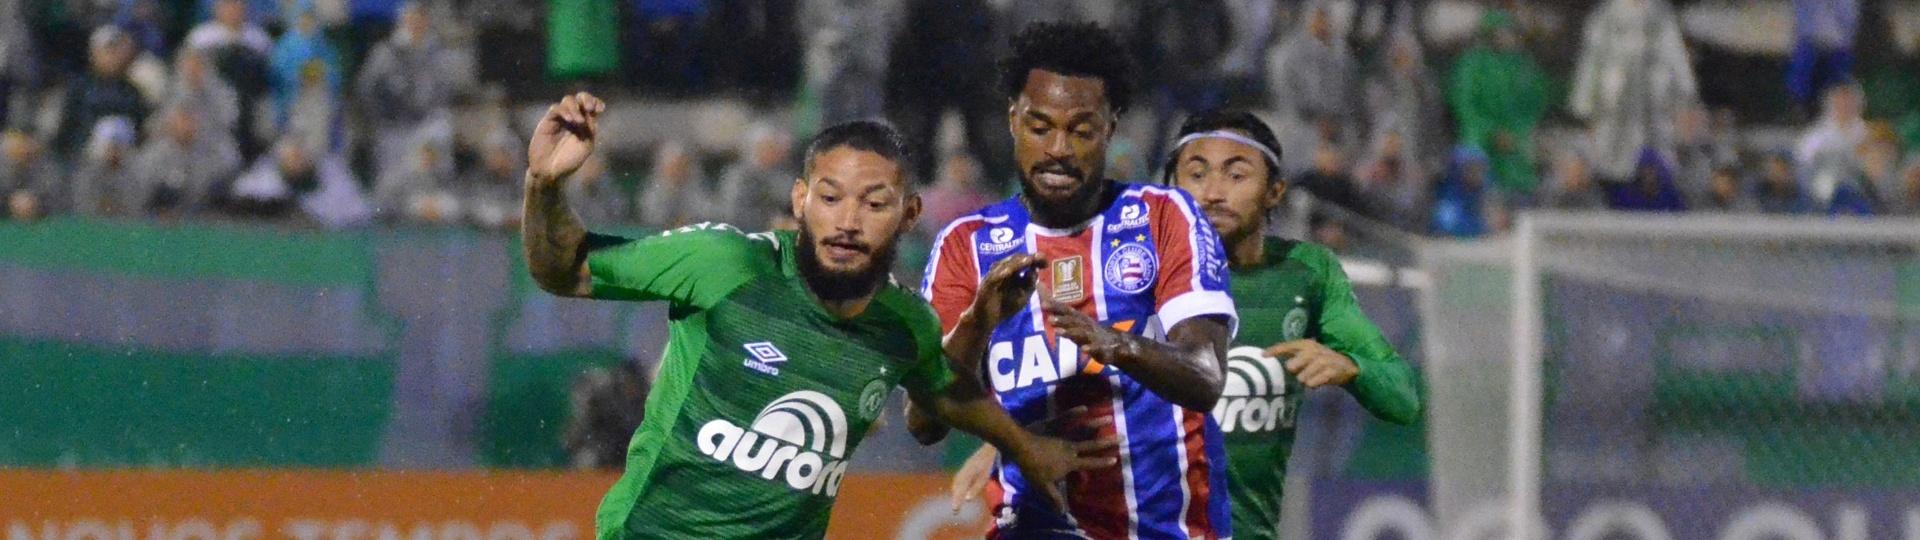 Arthur, da Chapecoense, protege a bola contra jogador do Bahia